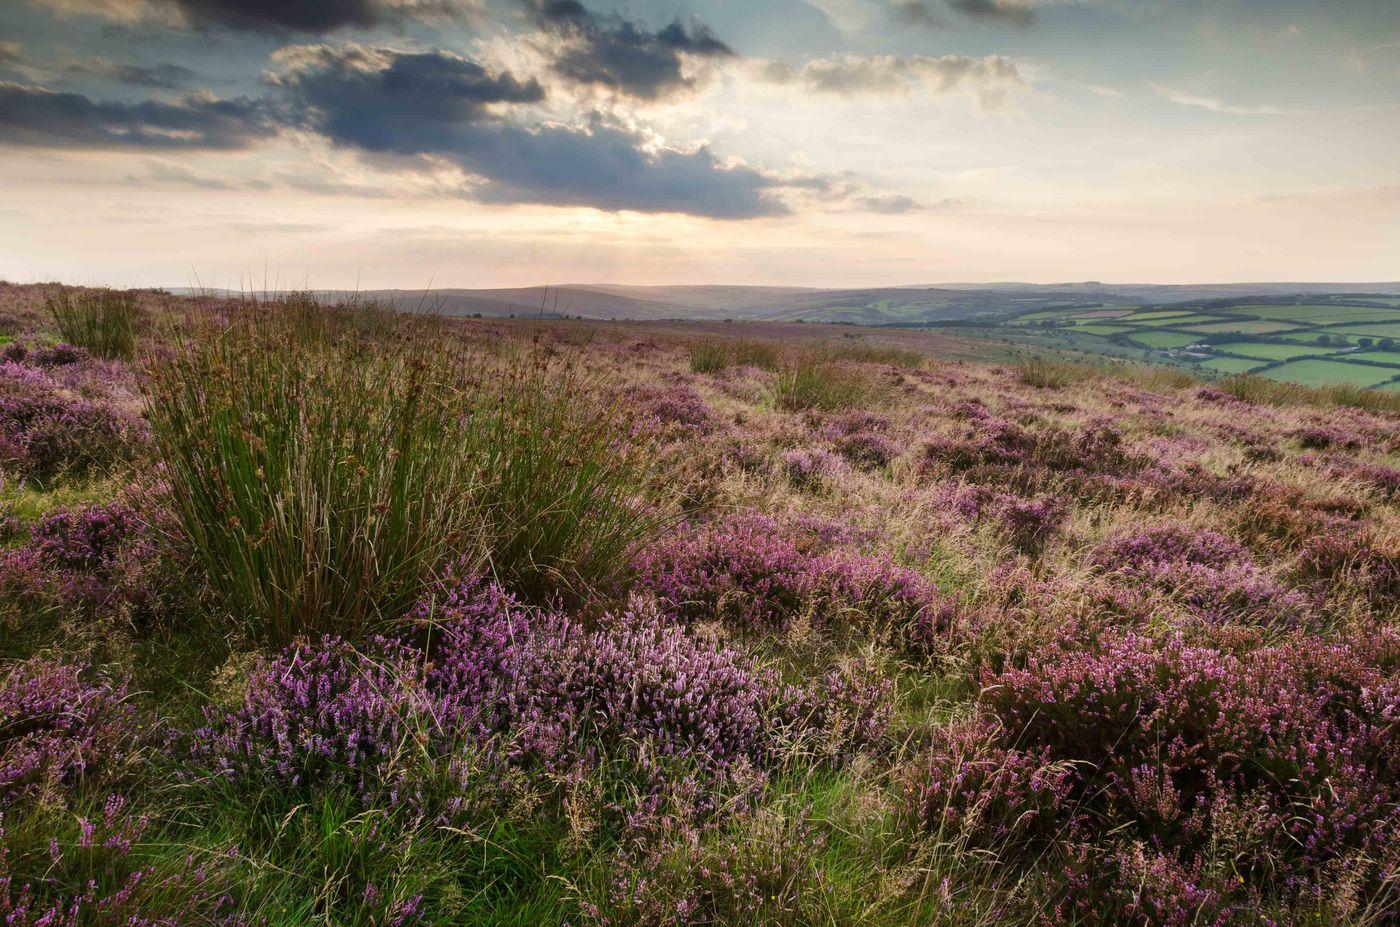 De bloeiende heide met op de achtergrond het kleinschalige landschap. © Hans Debruyne